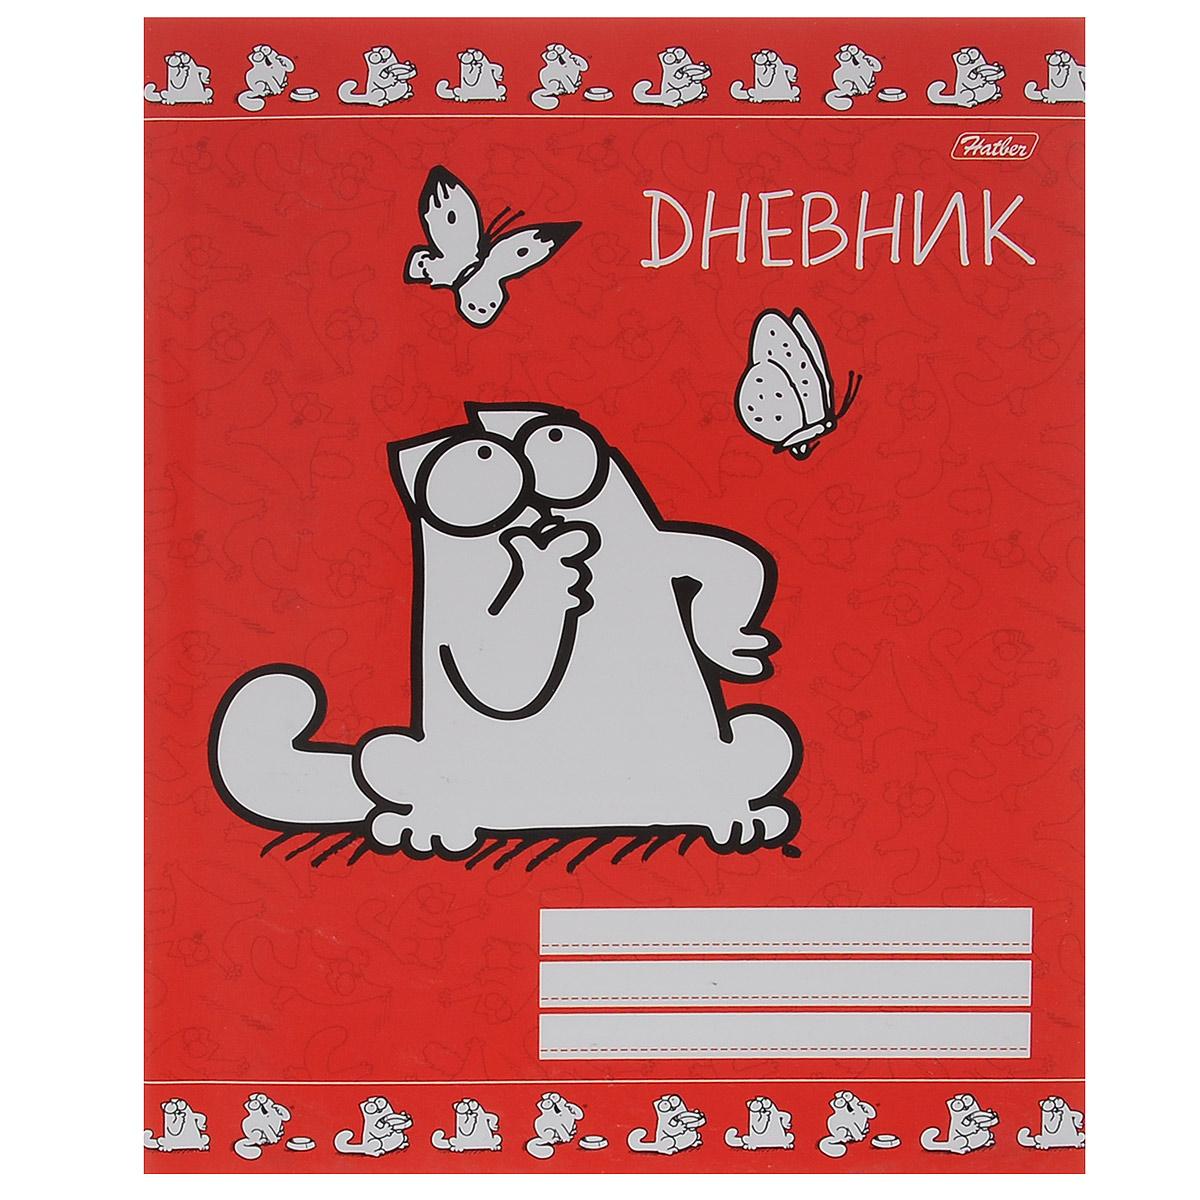 Дневник школьный Hatber Кот Саймона, цвет: красный. 40Д5B_1165440Д5B_11654Школьный дневник Hatber Кот Саймона - первый ежедневник вашего ребенка. Он поможет ему не забыть свои задания, а вы всегда сможете проконтролировать его успеваемость. Дневник предназначен для учеников 1-11 классов. Внутренний блок дневника состоит из 40 листов белой бумаги с линовкой синего цвета и прошит металлическими скрепками. Обложка выполнена из мелованного картона. В структуру дневника входят все необходимые разделы: информация о личных данных ученика, школе и педагогах, друзьях и одноклассниках, расписание факультативов и занятий по четвертям. Дневник содержит номера телефонов экстренной помощи и даты государственных праздников. В конце дневника имеются сведения об успеваемости. Дневник Hatber Кот Саймона станет надежным помощником ребенка в получении новых знаний и принесет радость своему хозяину в учебные будни. Рекомендуемый возраст: от 6 лет.